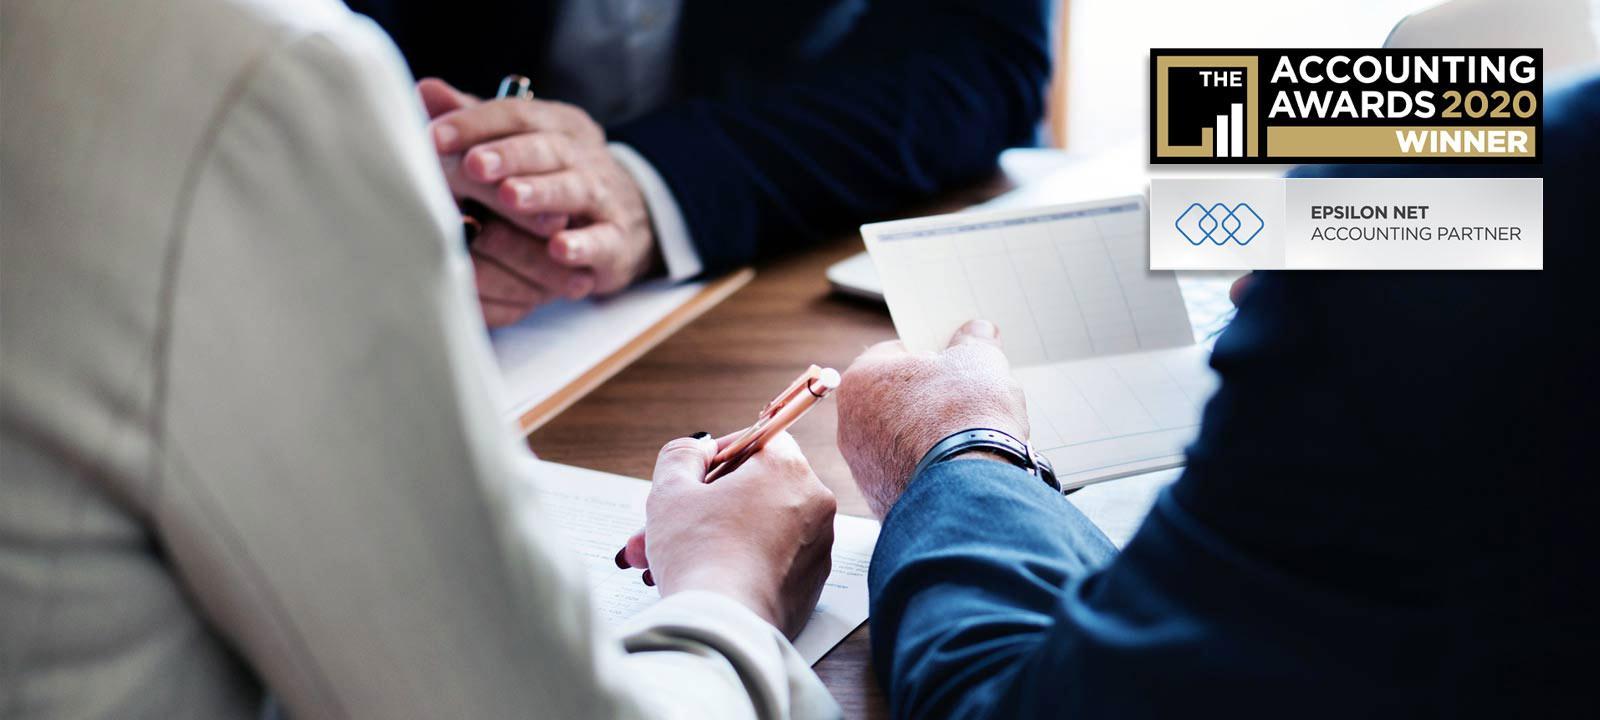 Υπηρεσίες Μισθοδοσίας Υποστήριξη στην Εργατική Νομοθεσία